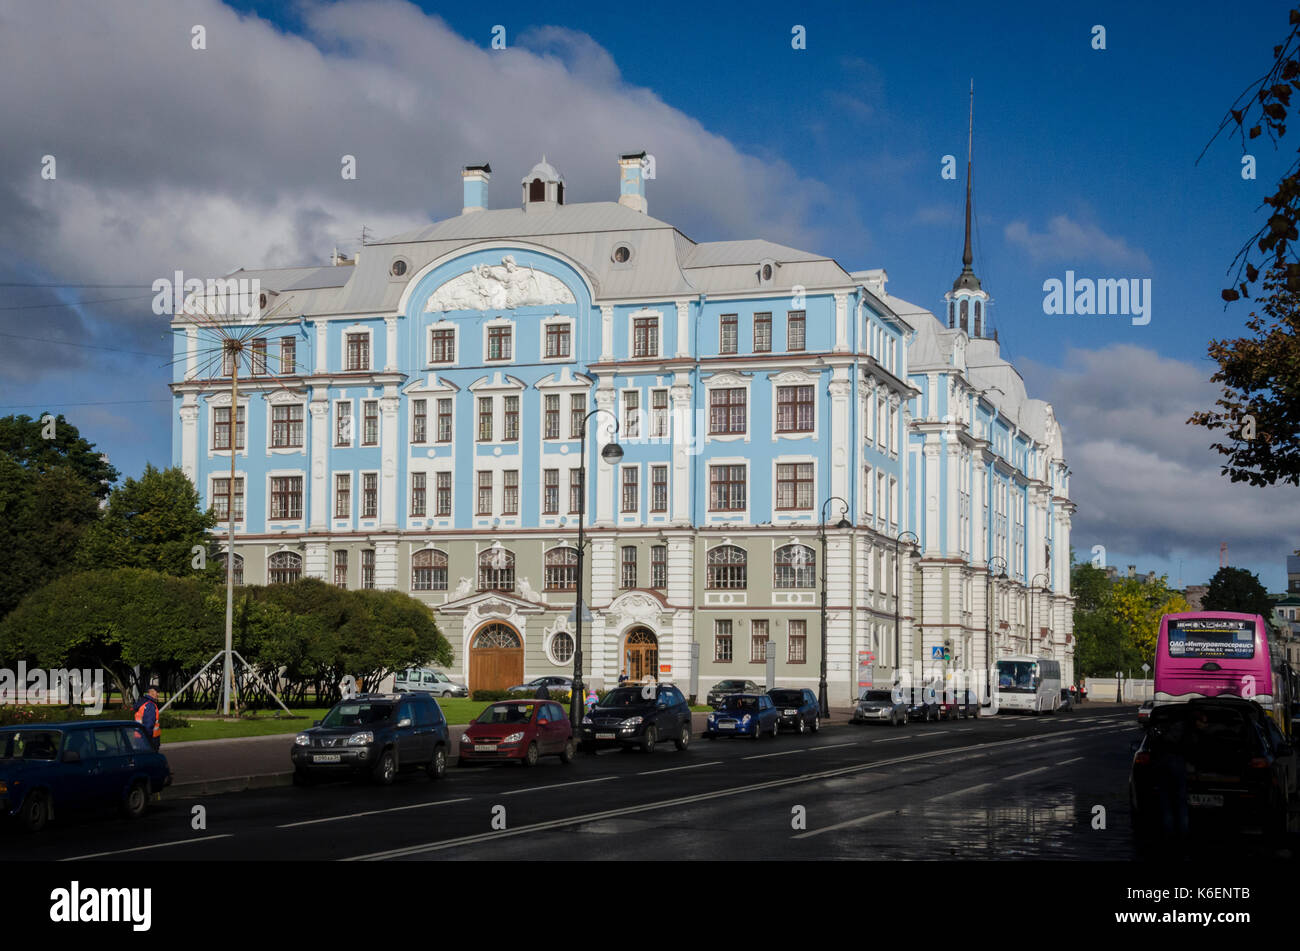 Nakhimov College in St. Petersburg 25